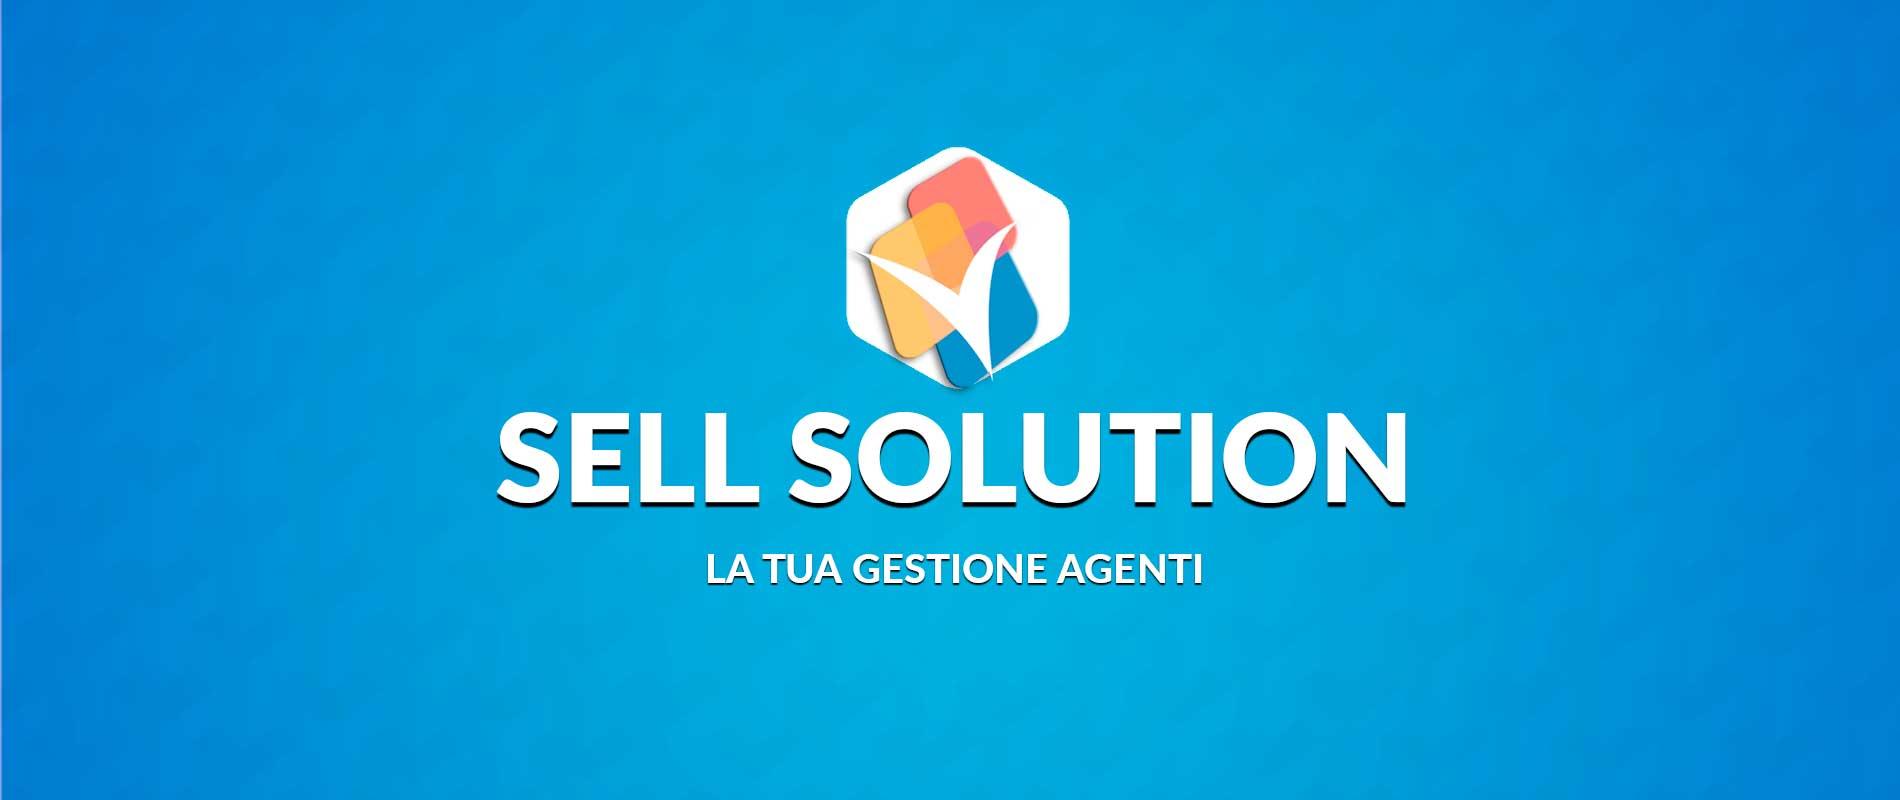 Sell Solution - raccolta ordini